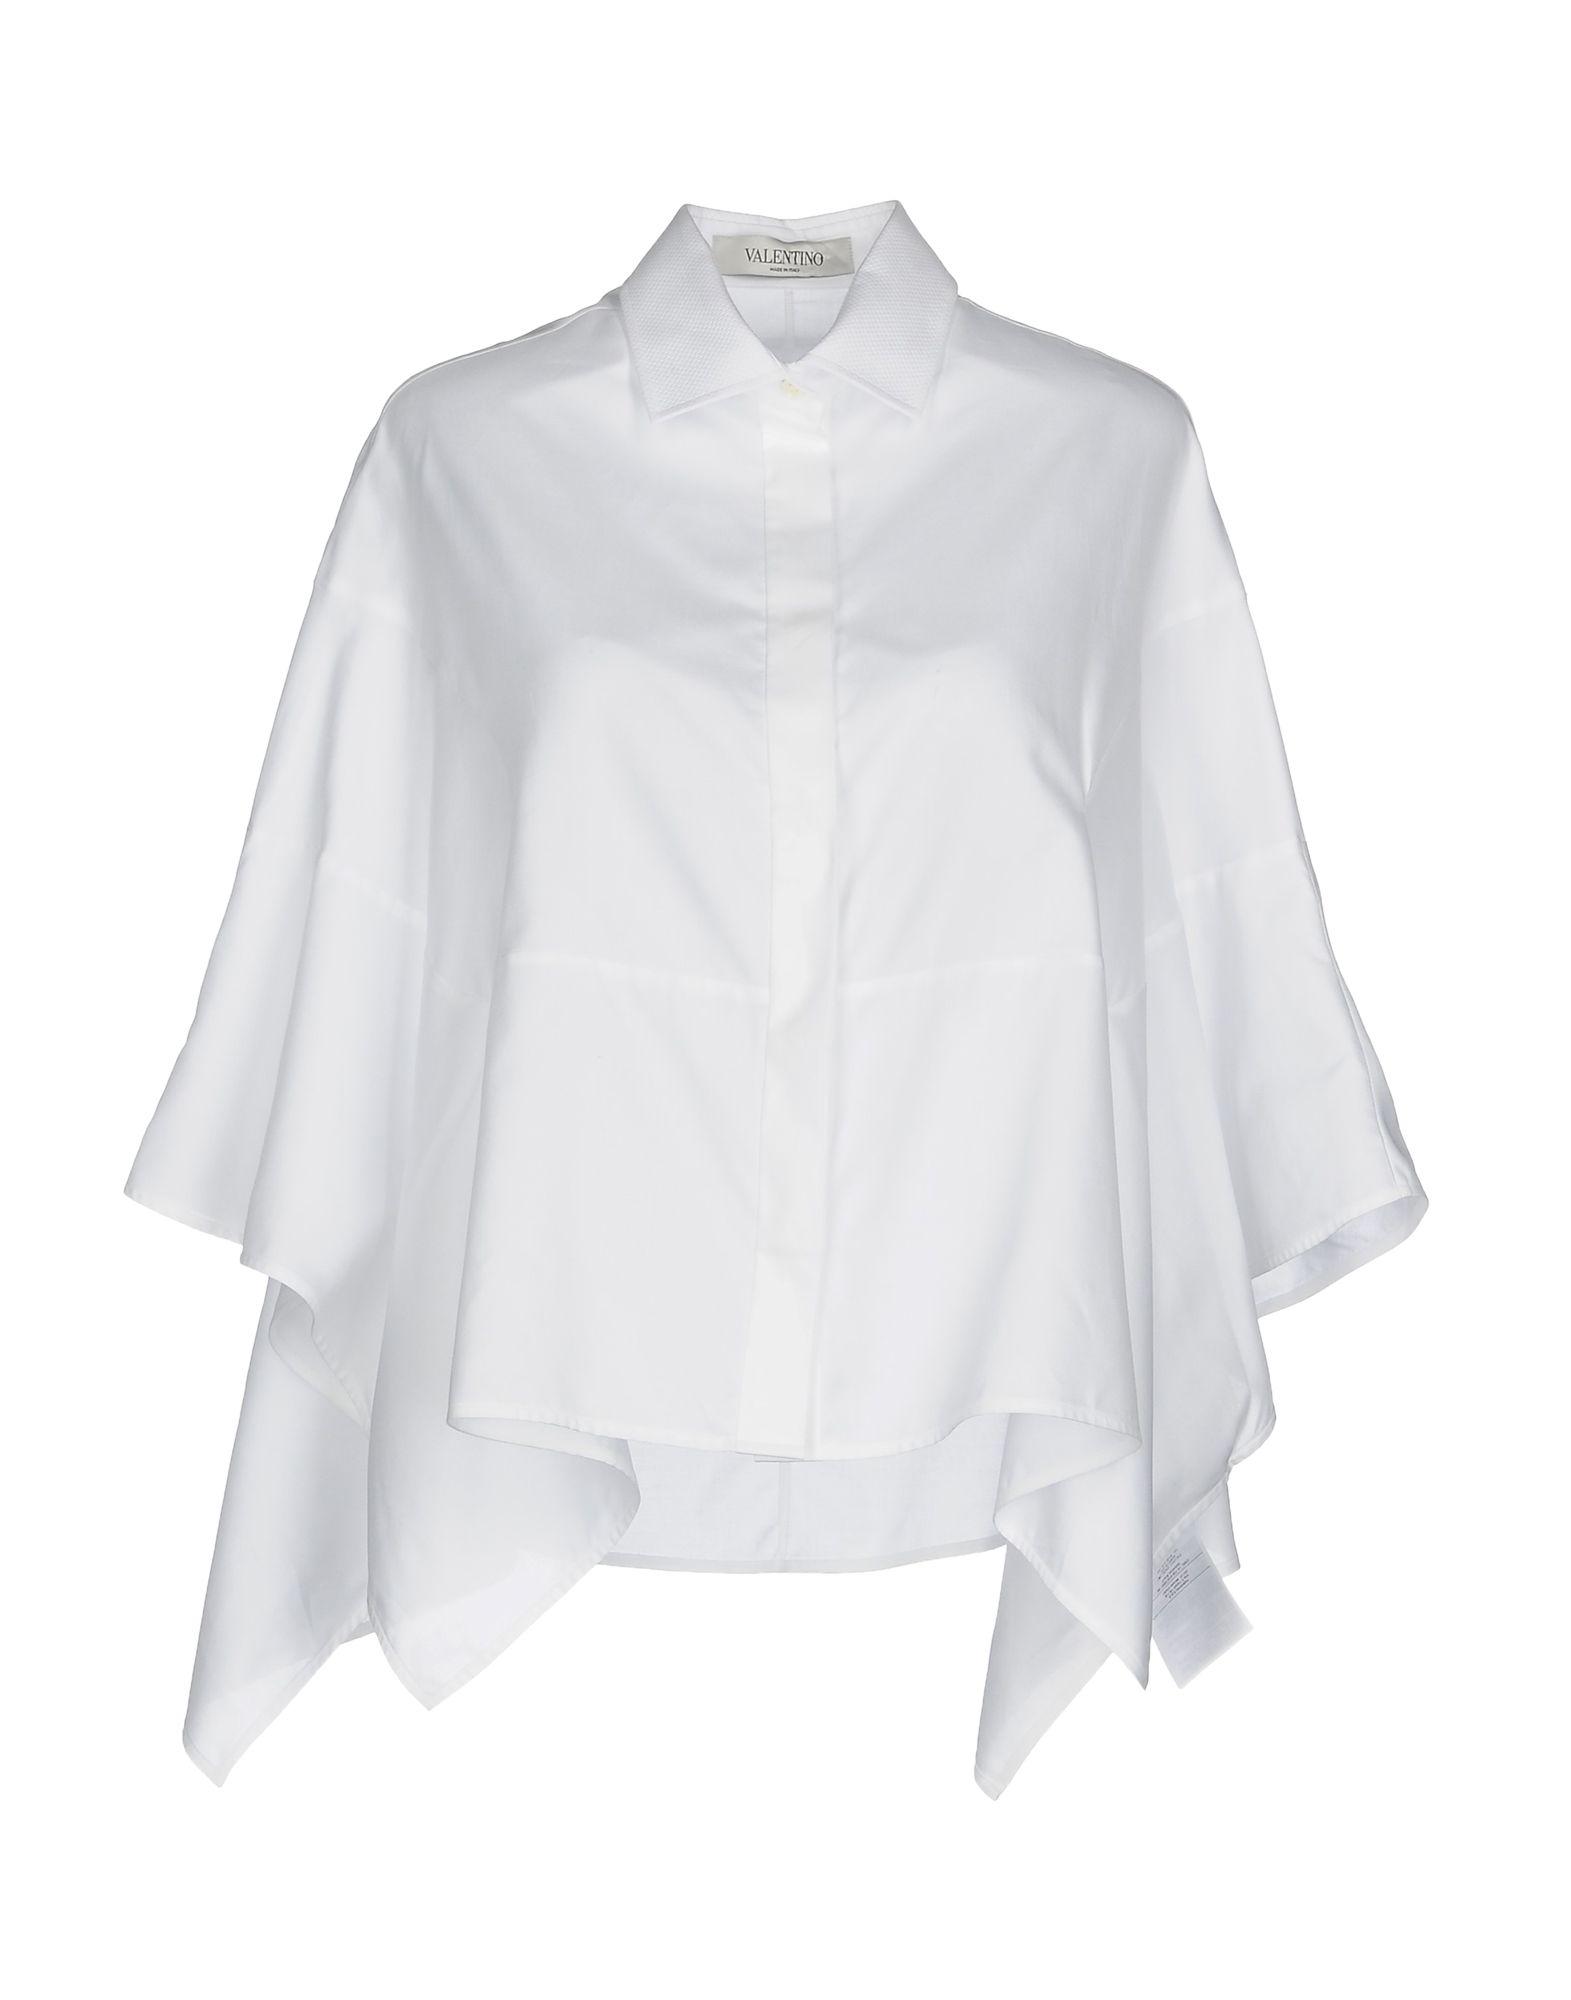 Camicie E bluse bluse Tinta Unita Valentino donna - 38694619HX  Großhandelspreis und zuverlässige Qualität